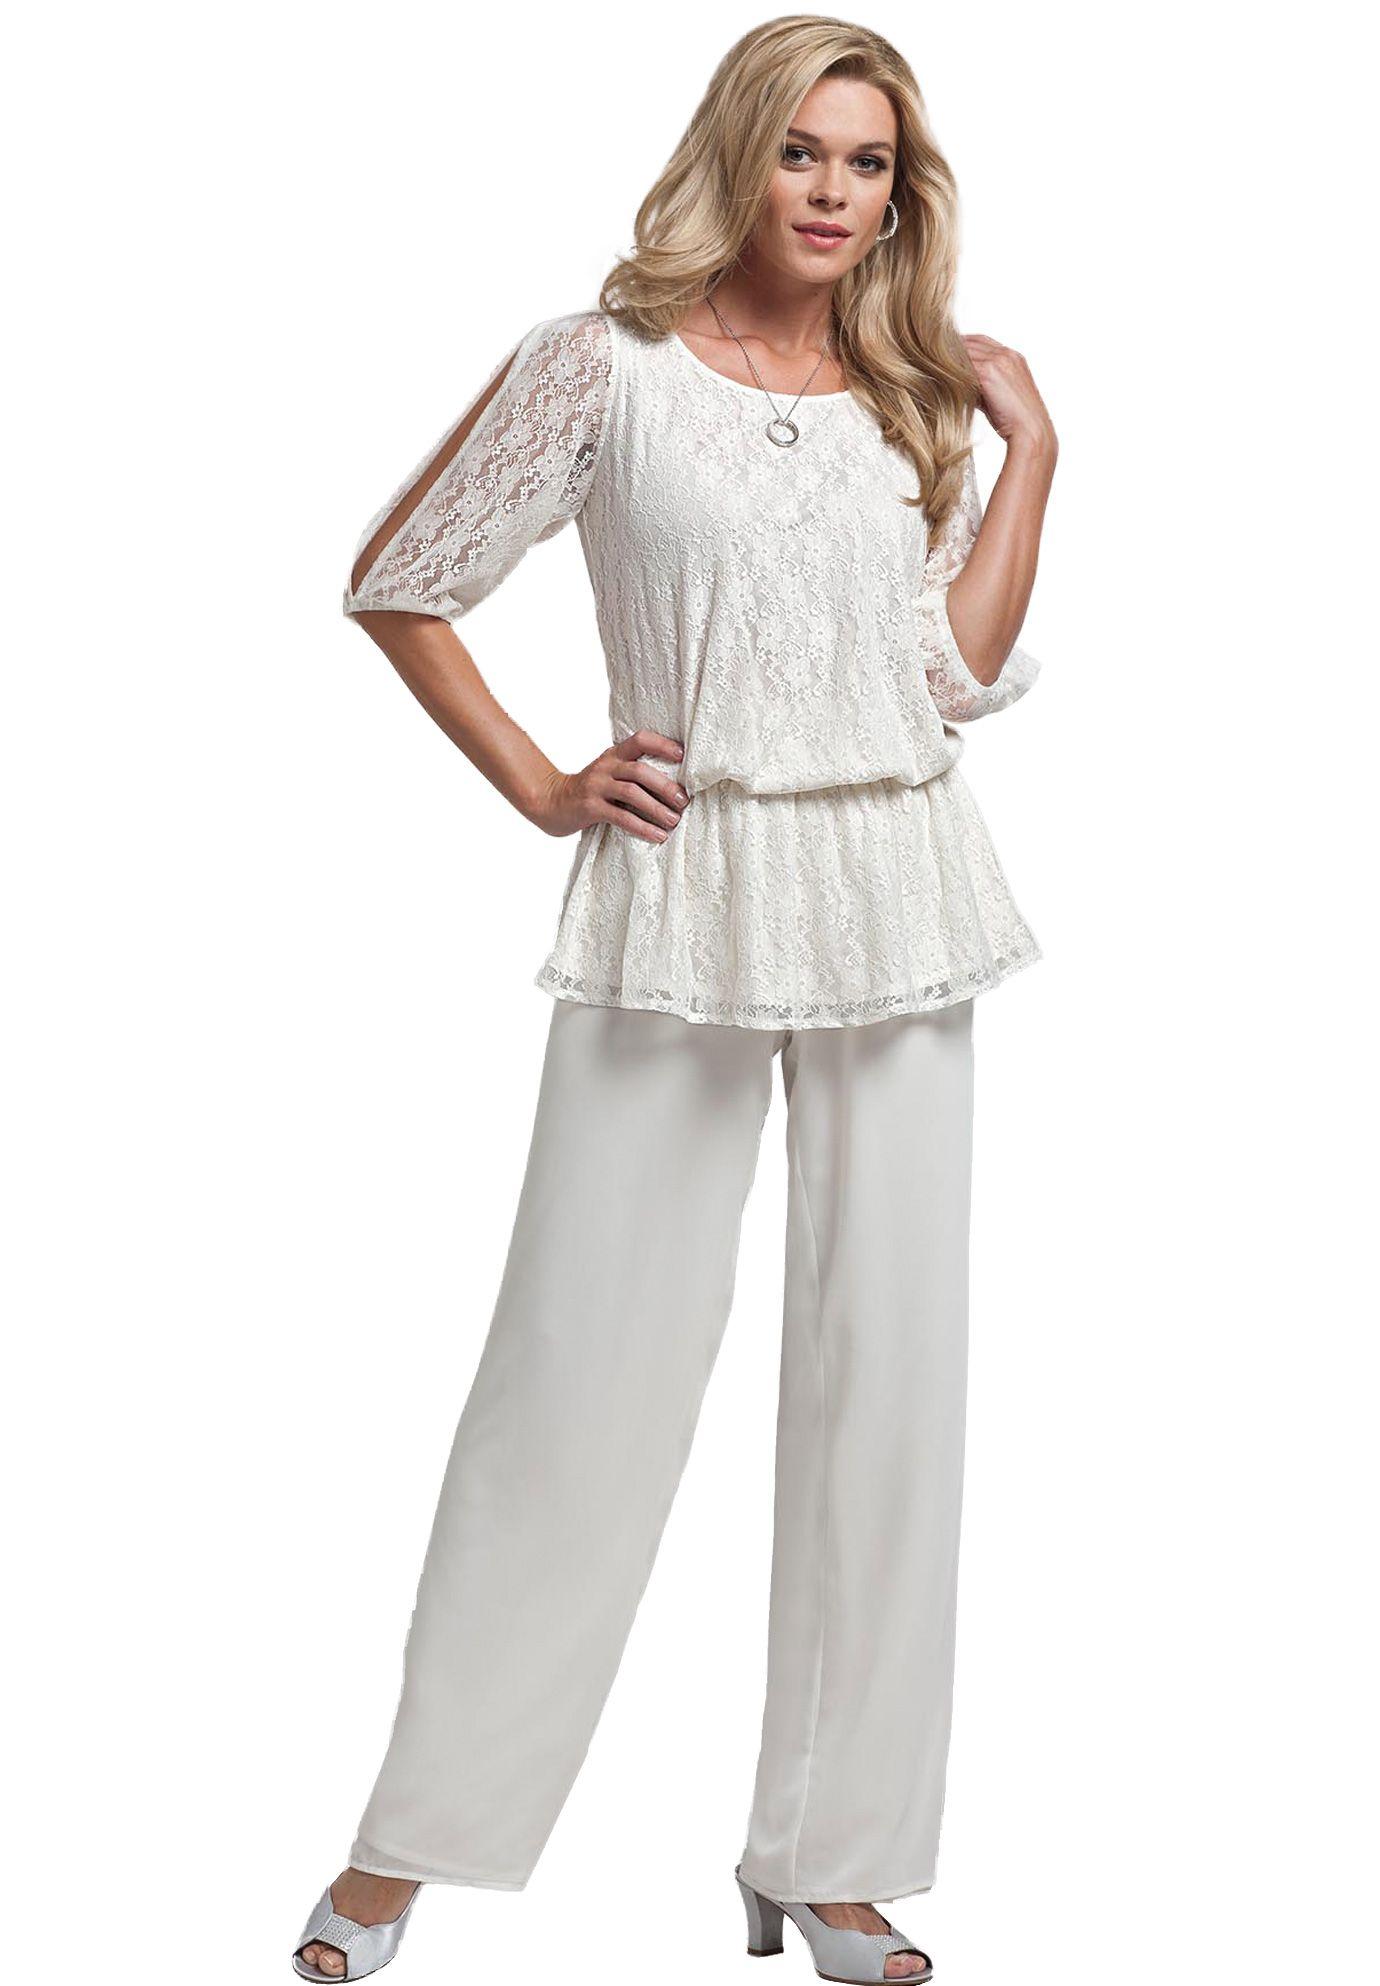 Lace Blouson Pantset Plus Size Formal Occasion Roamans Fashion